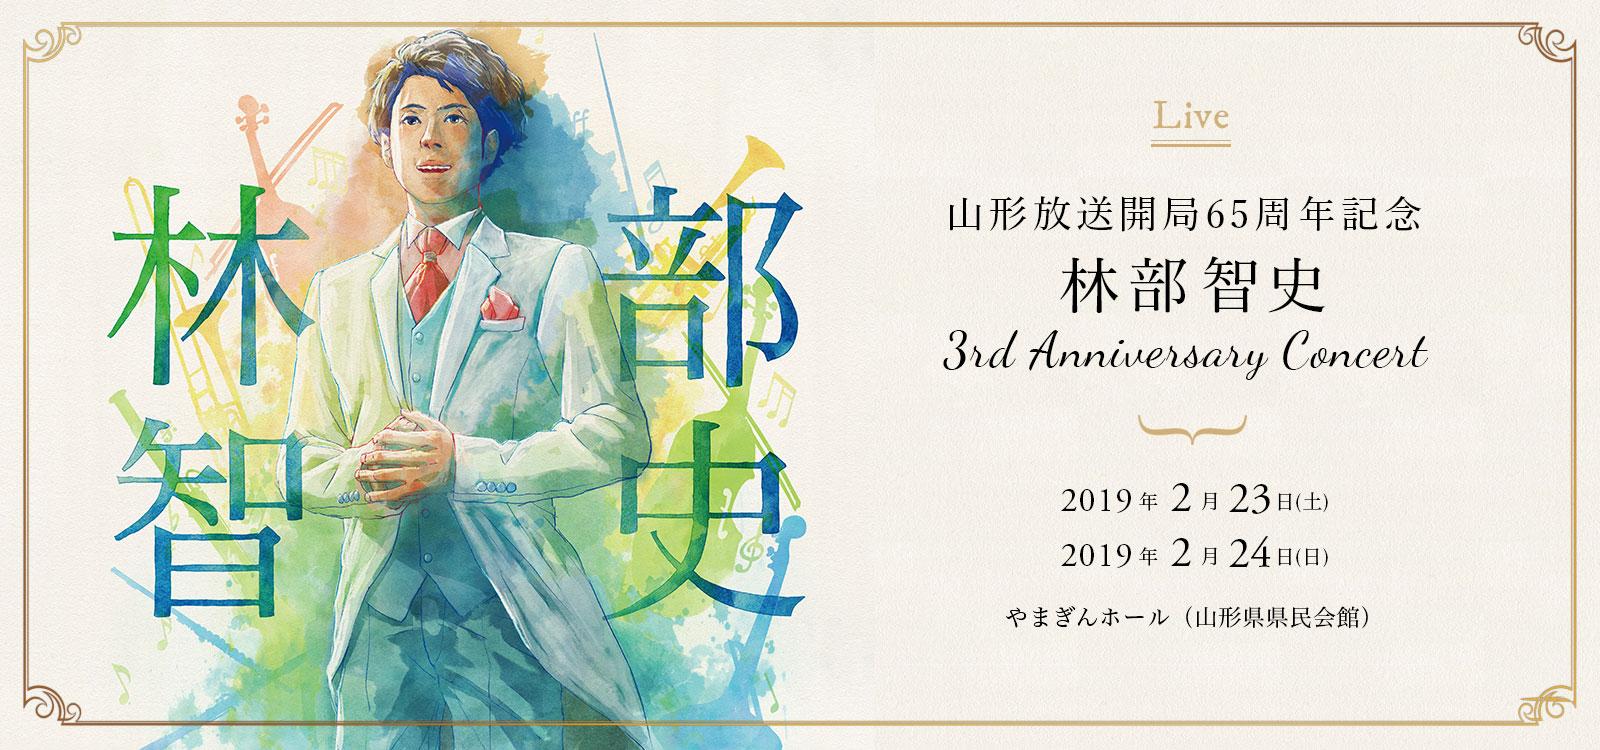 山形放送開局65周年記念 林部智史 3rd Anniversary Concert